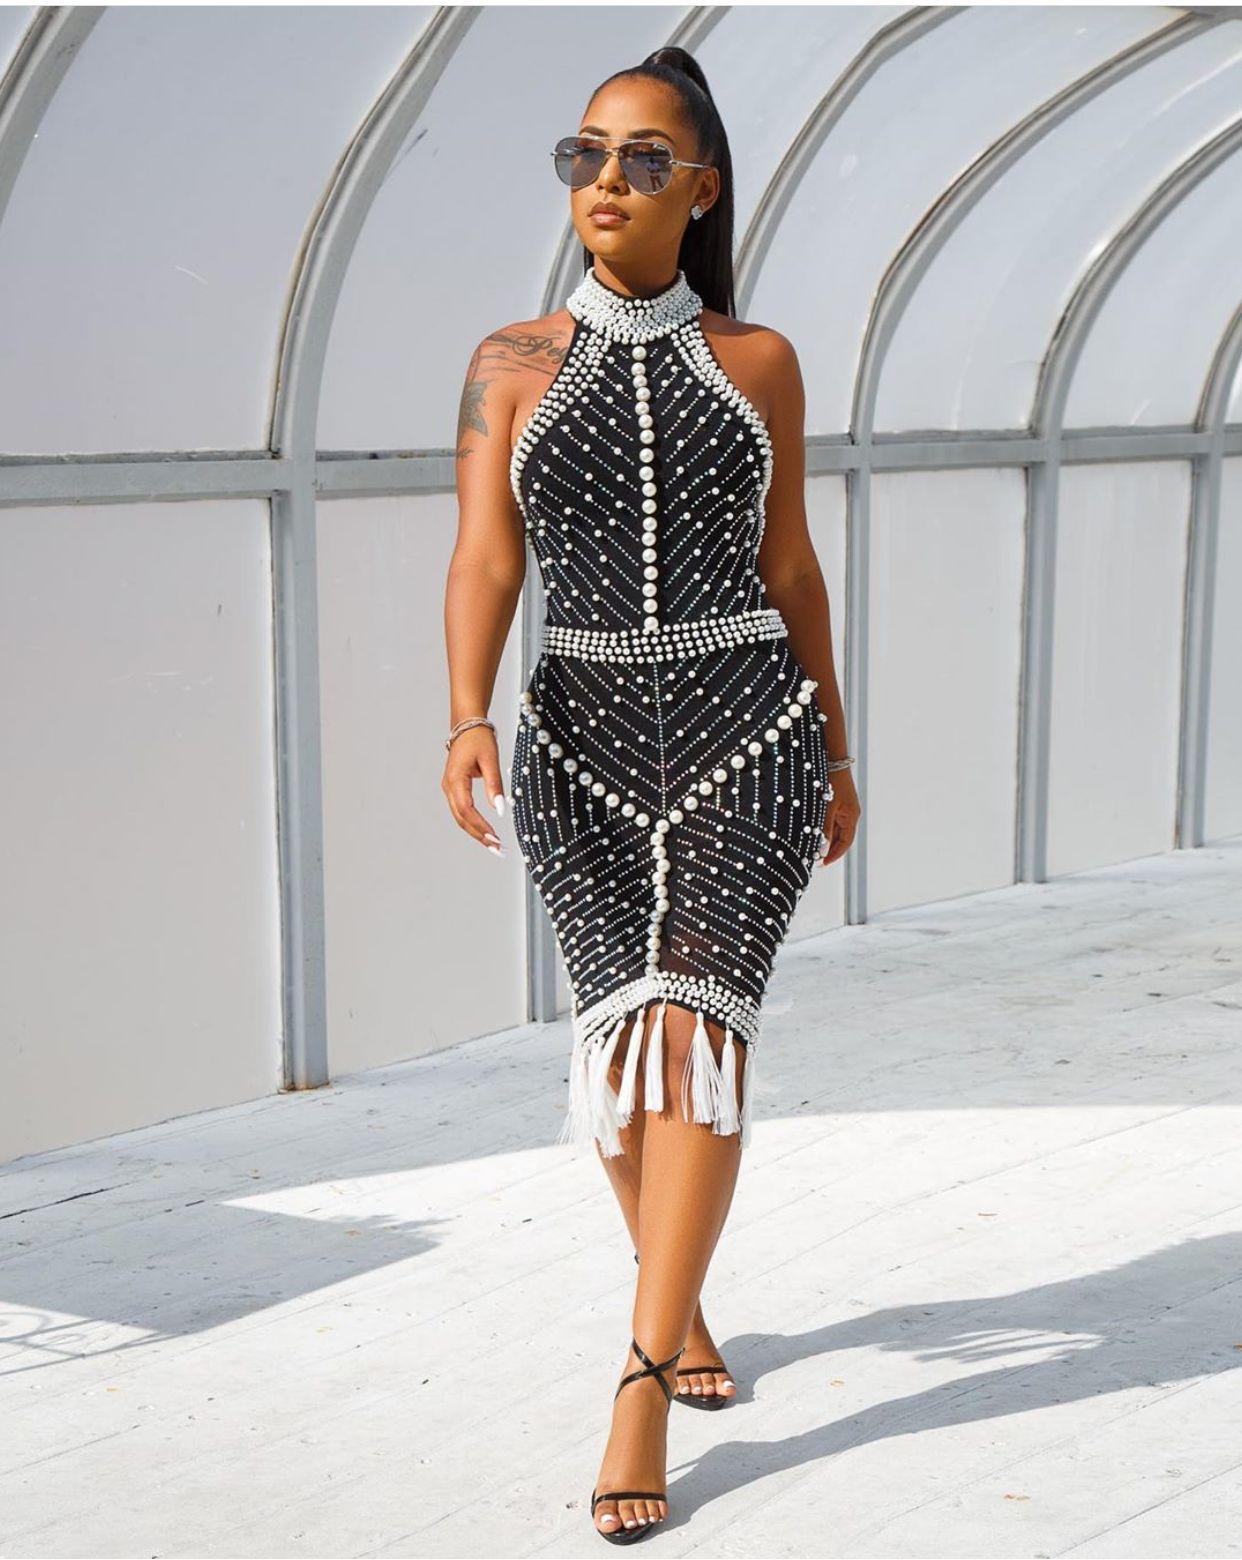 2019 европейский и американский модный воротник, горловина, без рукавов, бедра, талия, сексуальная, Горячая дрель, бусина, платье с кисточками.